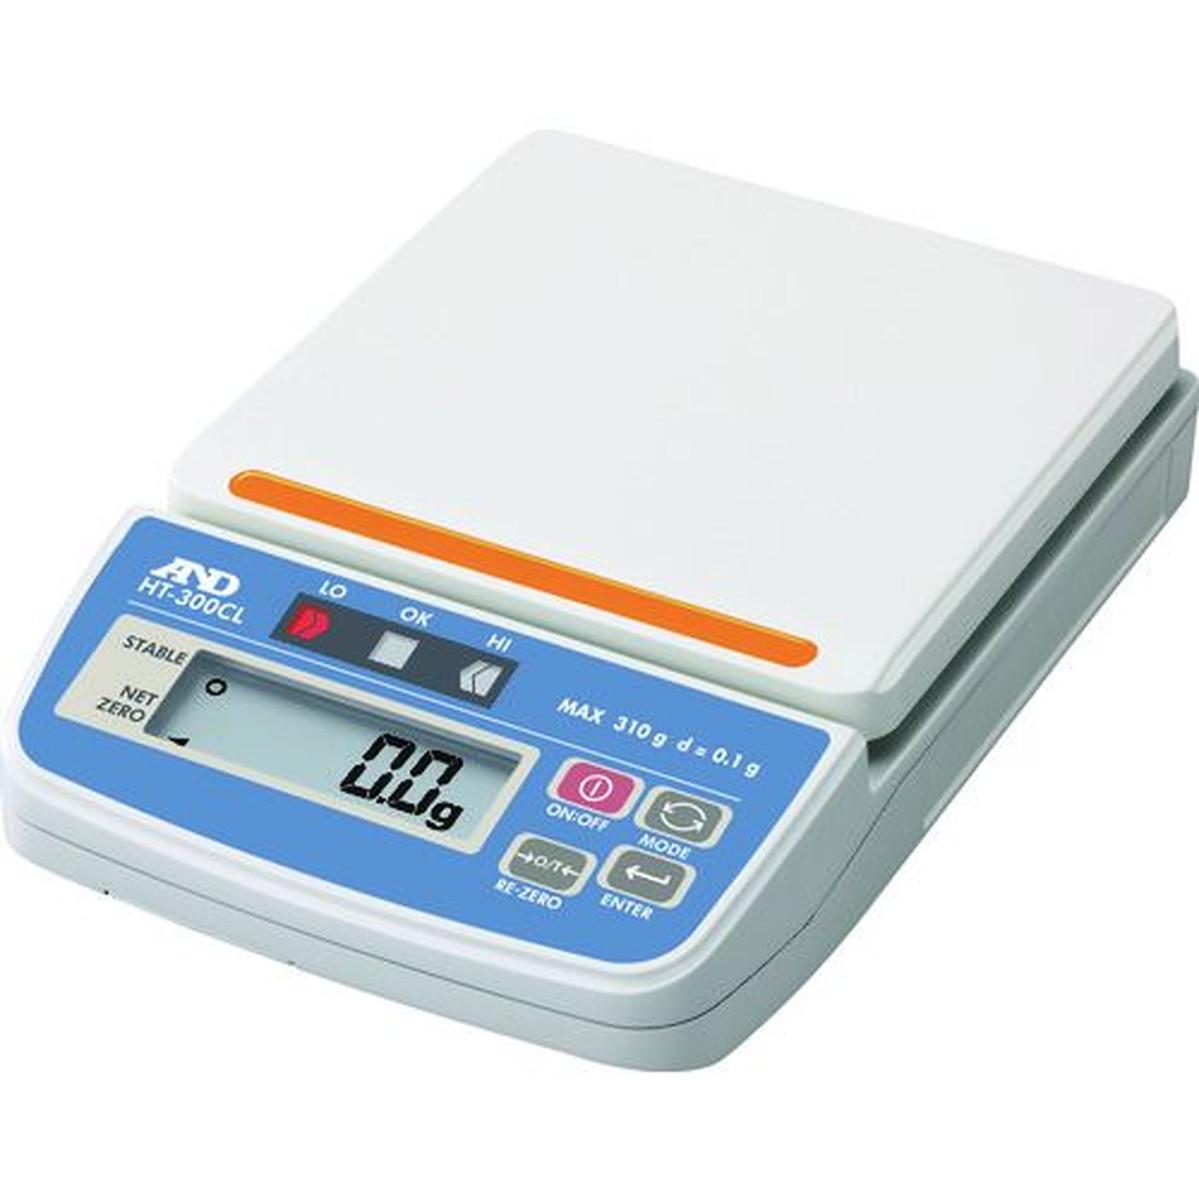 特別価格 A&D HT300CL コンパレータライトつきデジタルはかり コンパレータライトつきデジタルはかり HT300CL 1台 1台, 渡名喜村:315e7fac --- bungsu.net